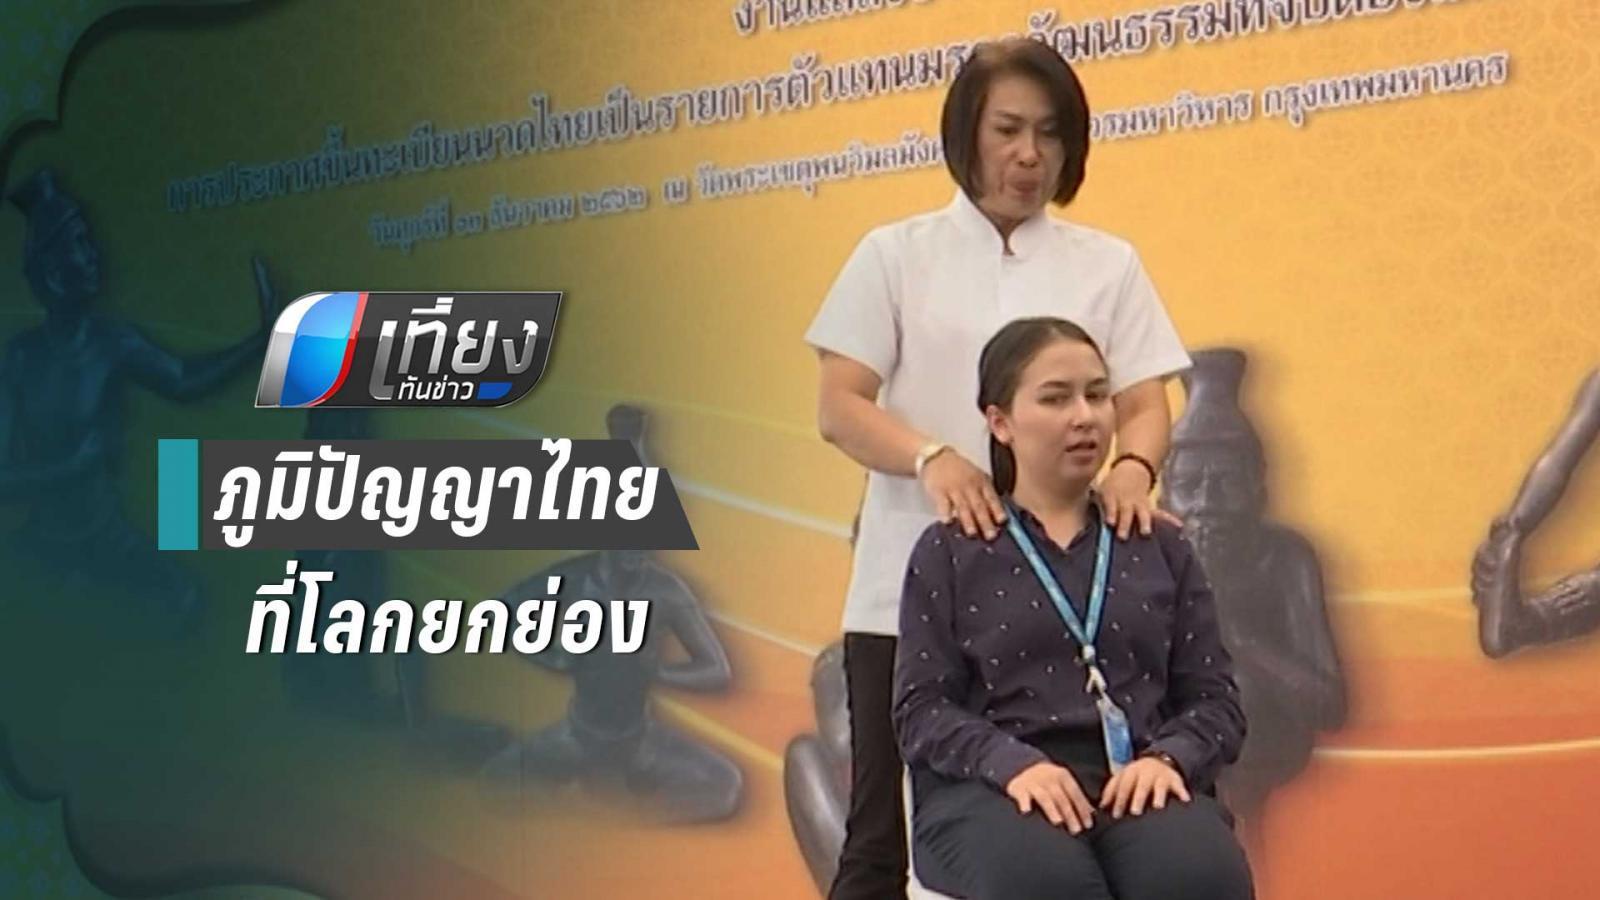 """""""นวดไทย"""" มรดกภูมิปัญญาไทยที่โลกยกย่อง"""